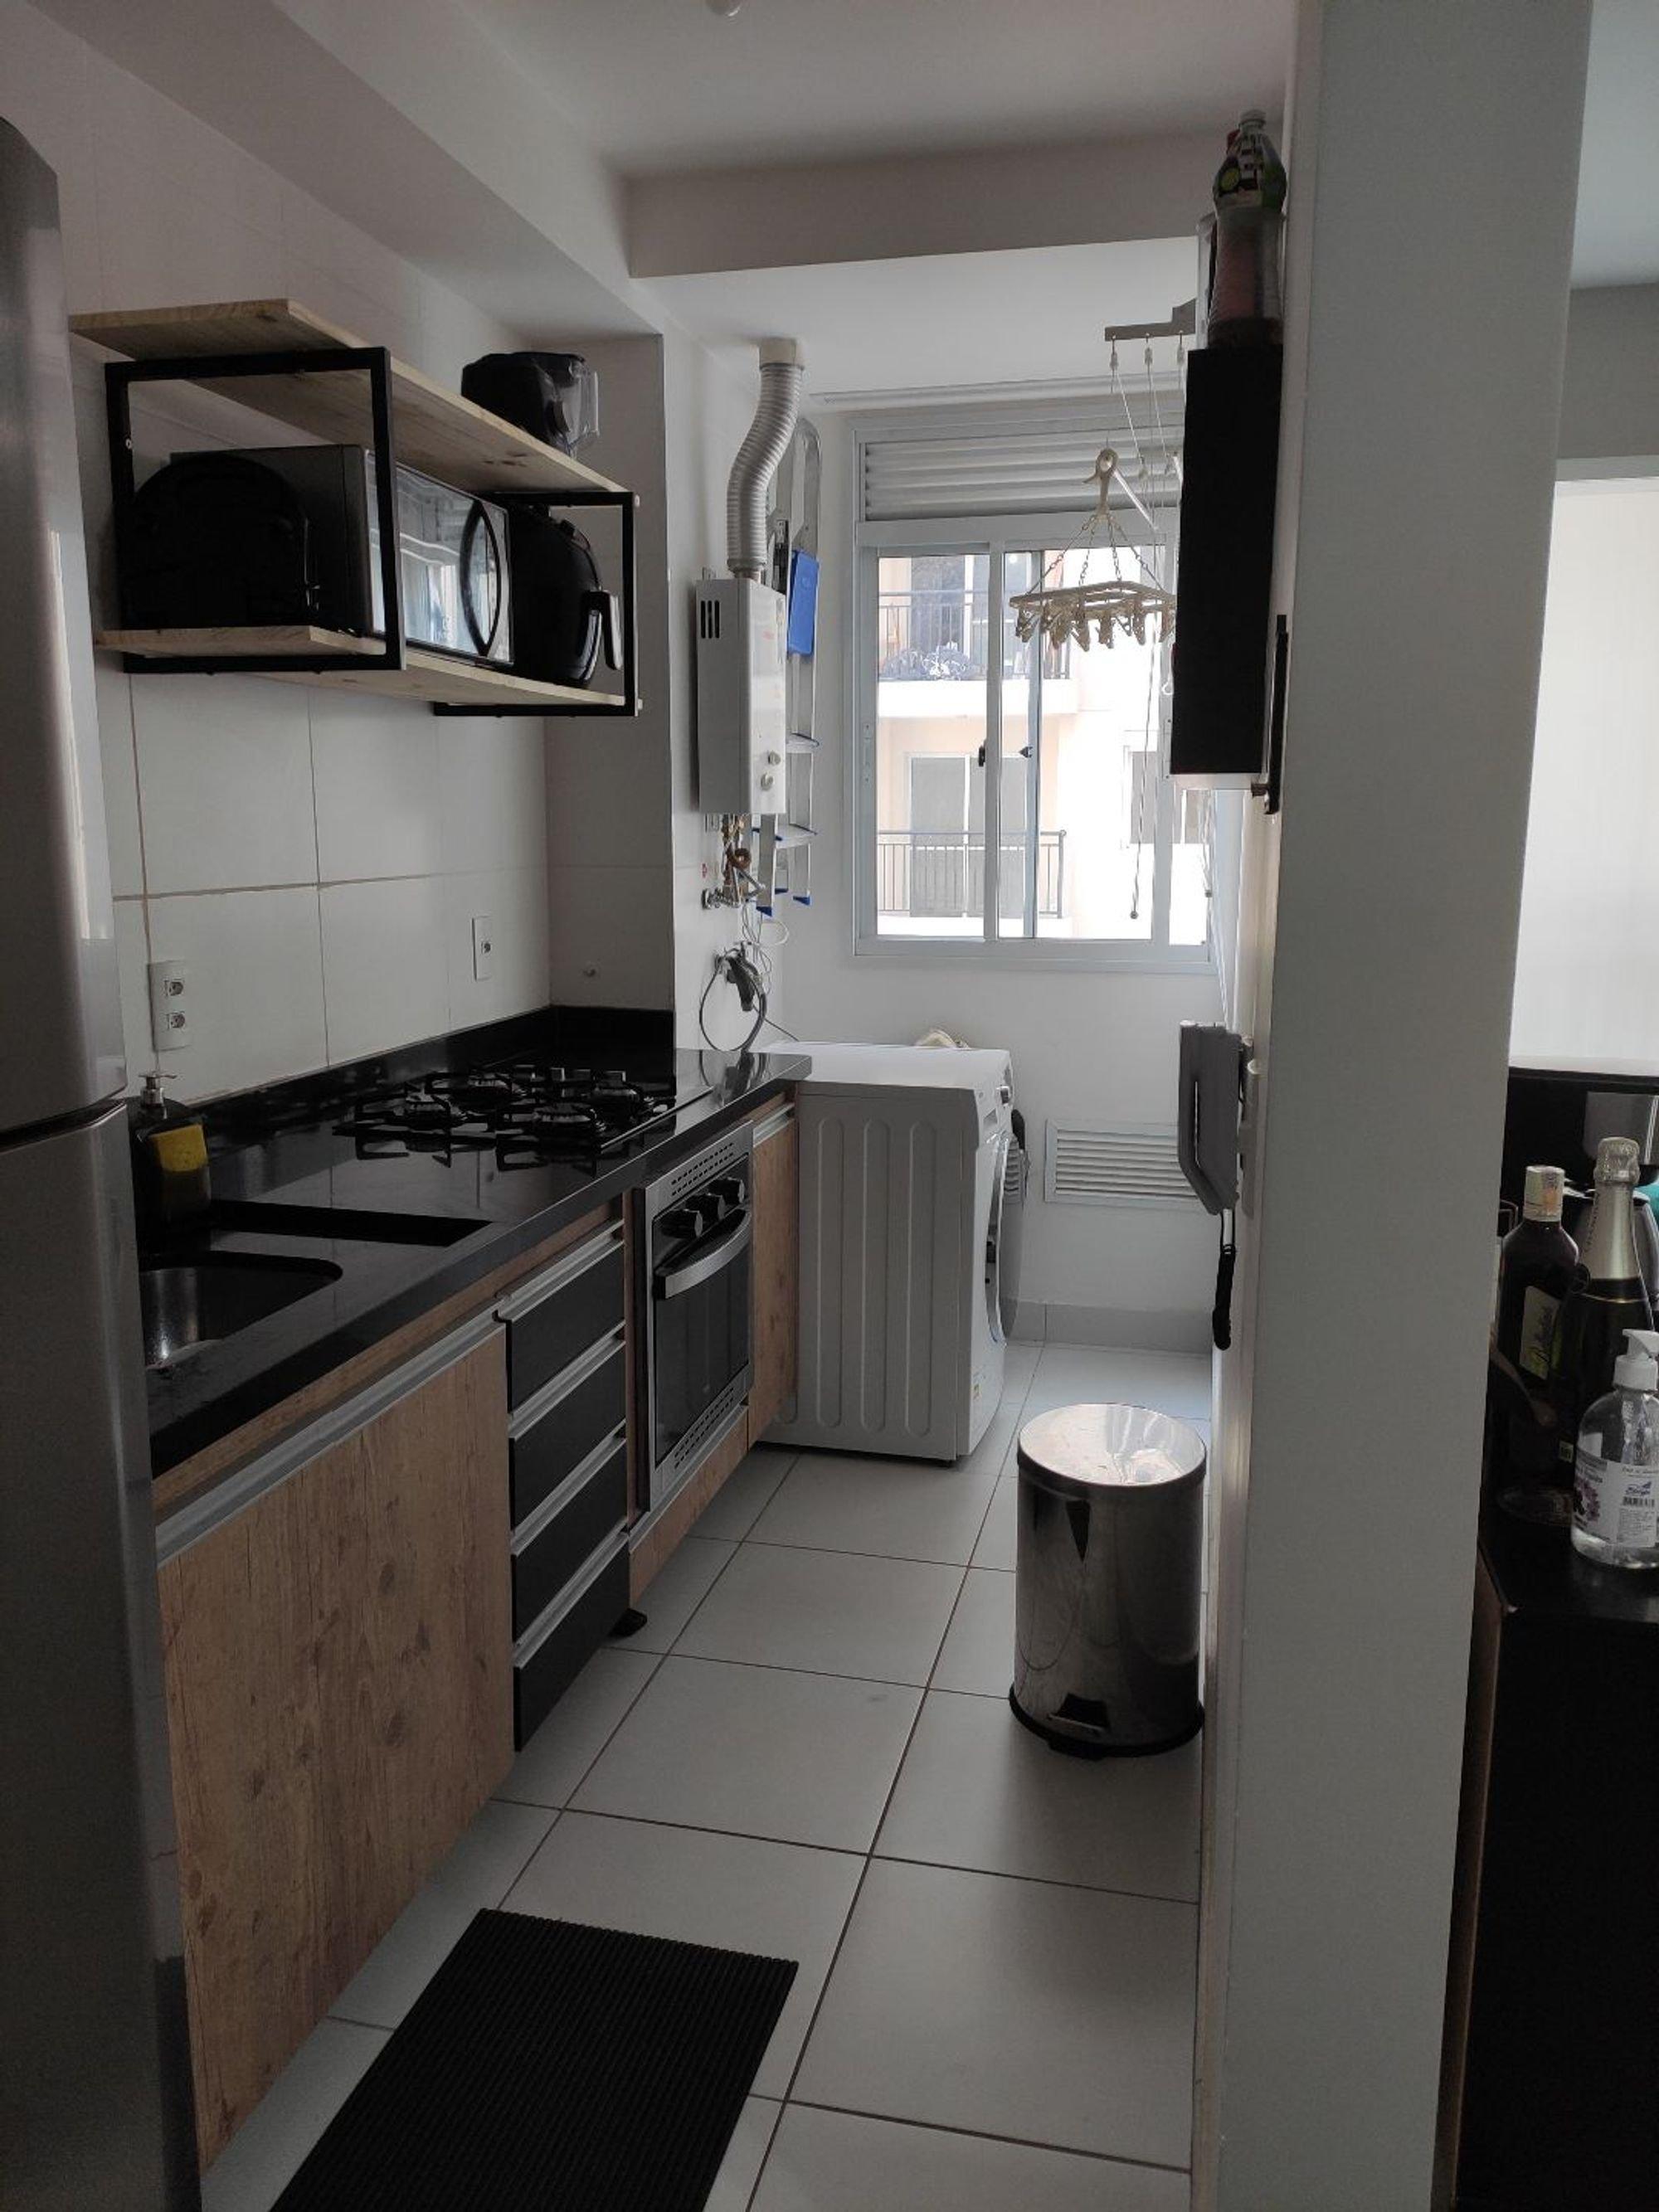 Foto de Cozinha com relógio, garrafa, forno, geladeira